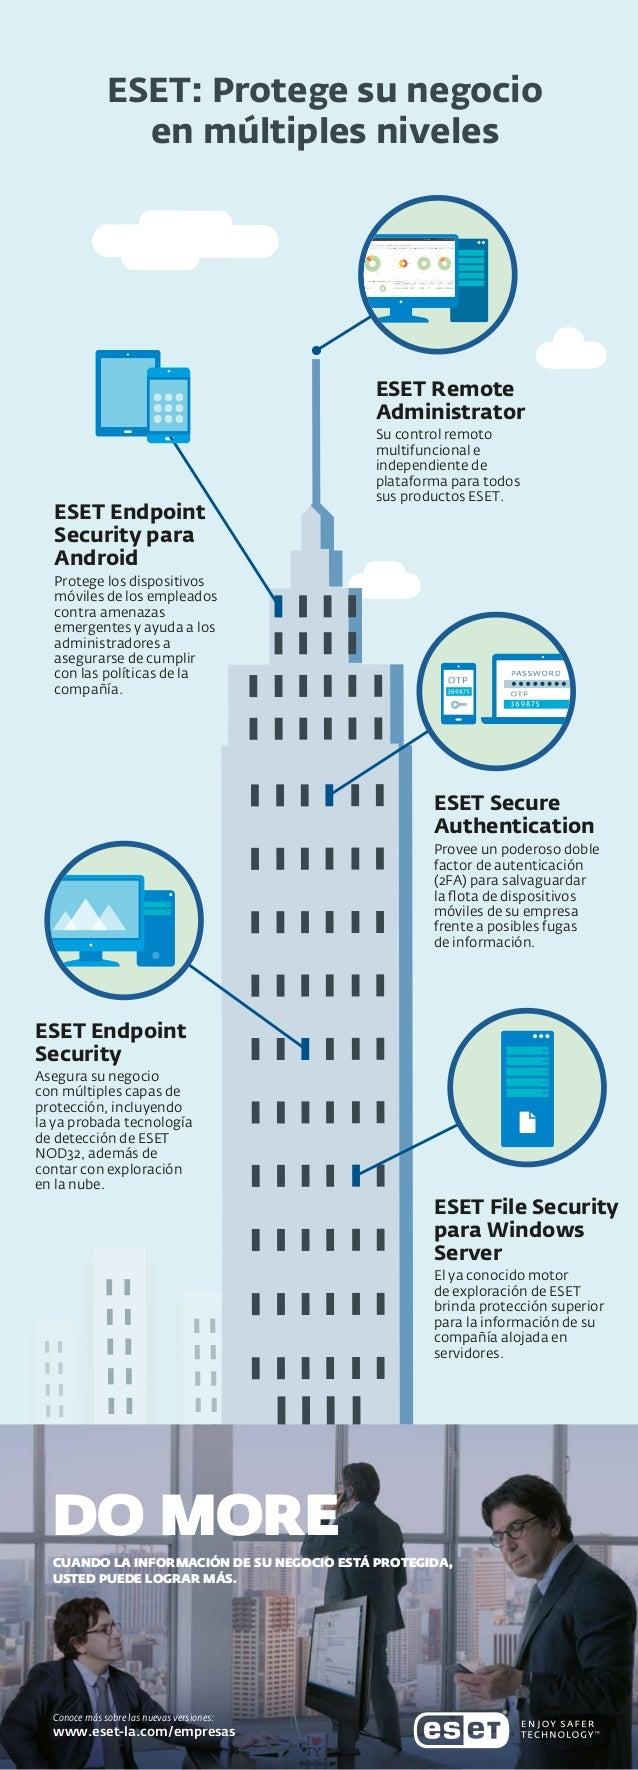 ESET Remote Administrator Su control remoto multifuncional e independiente de plataforma para todos sus productos ESET. ES...